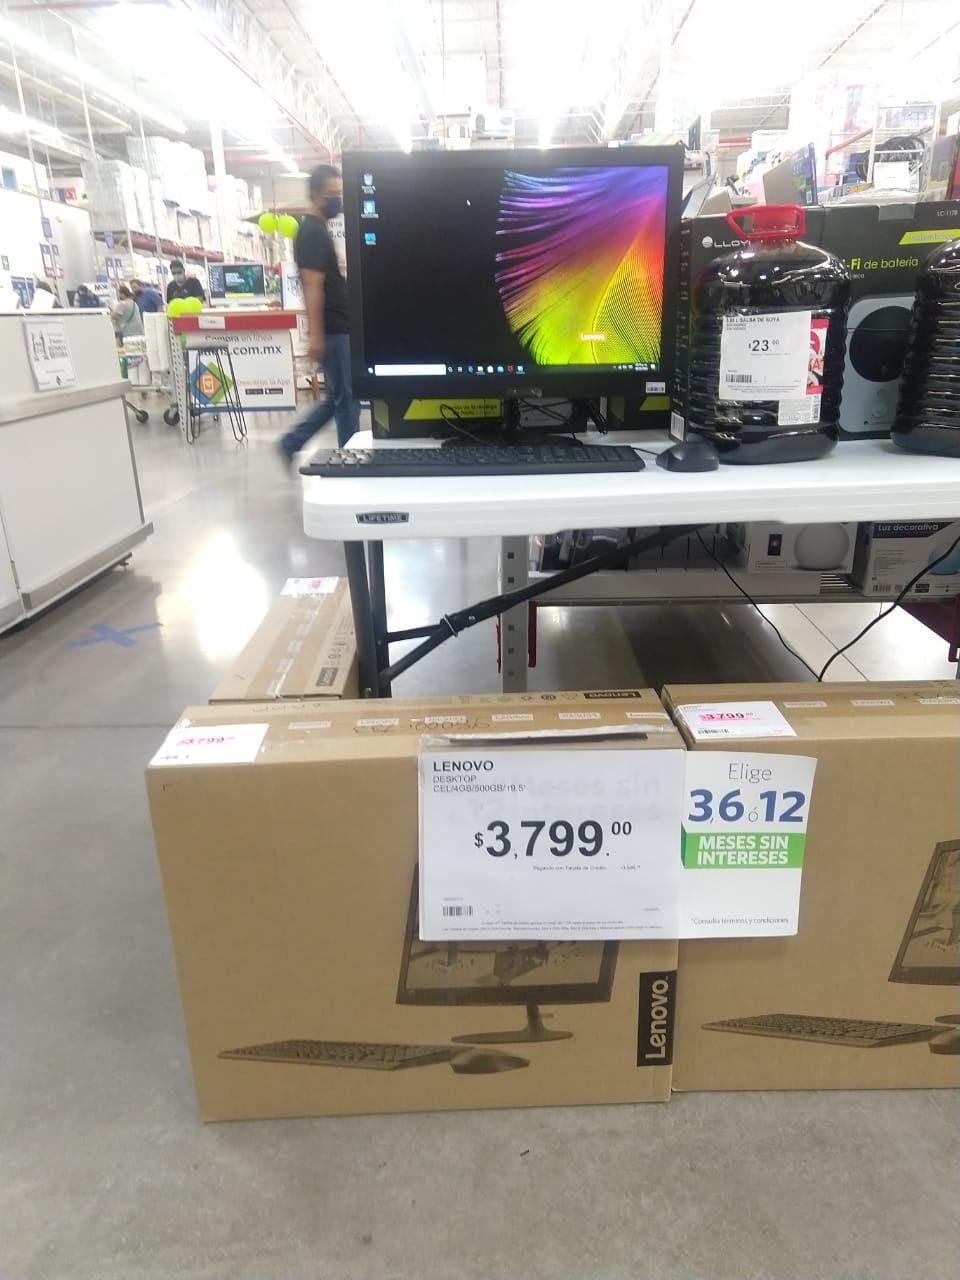 Sam's club:Computadora Lenovo de escritorio a solo $3,886 con tarjeta,y además $647 de bonificación en tarjeta de regalo